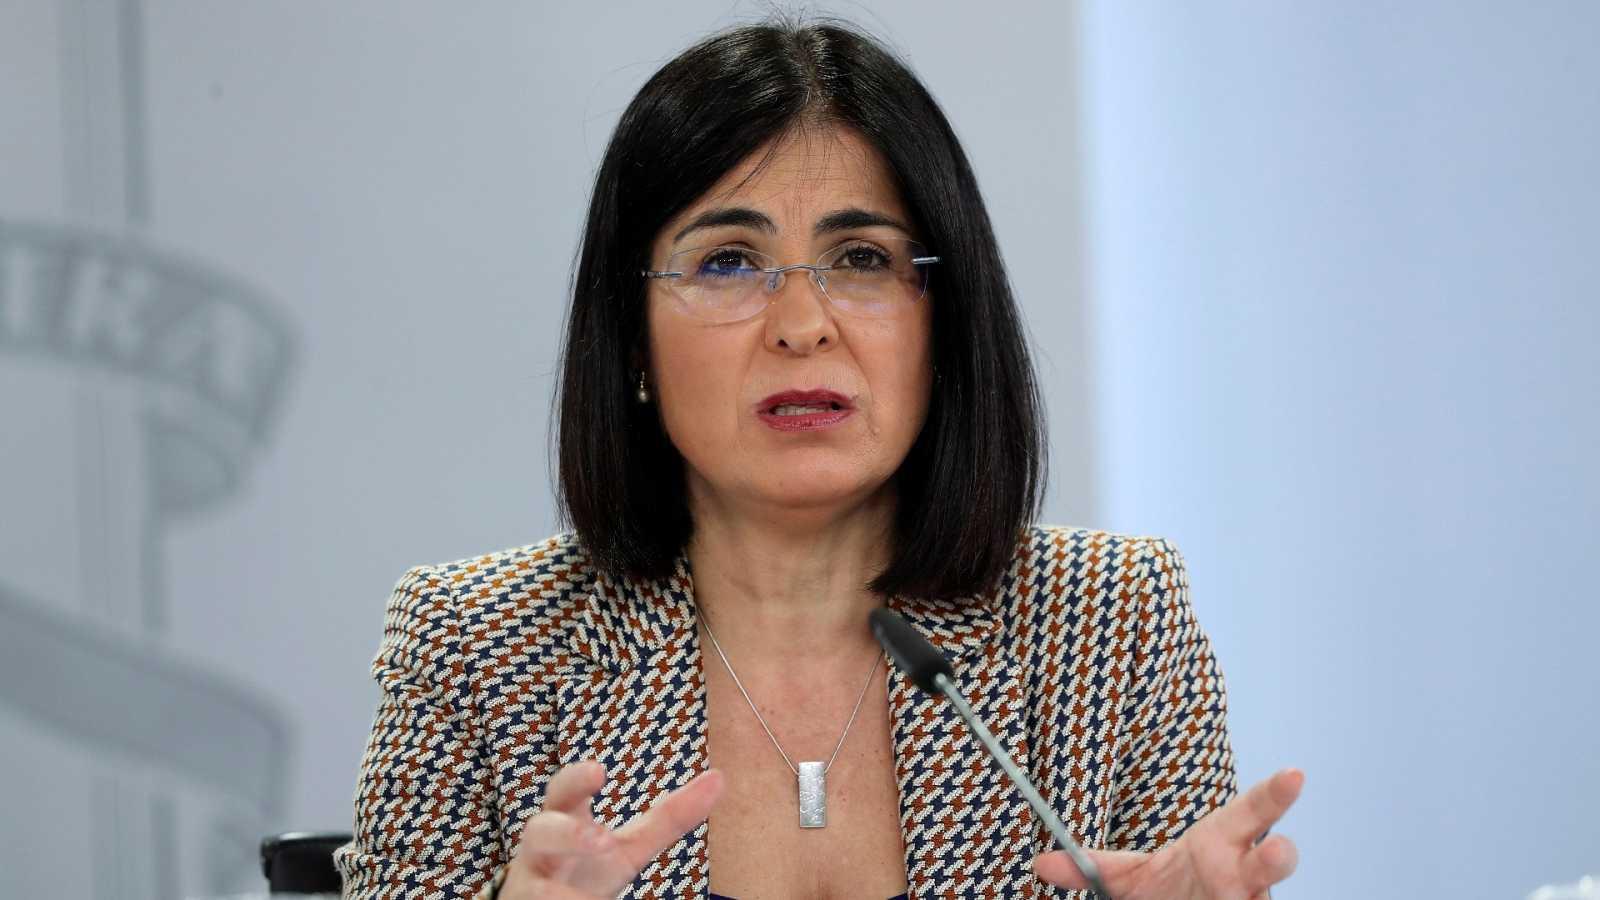 Especial informativo - Comparecencia de la ministra de Sanidad y, el ministro de Política Territorial - 10/02/21 - ver ahora